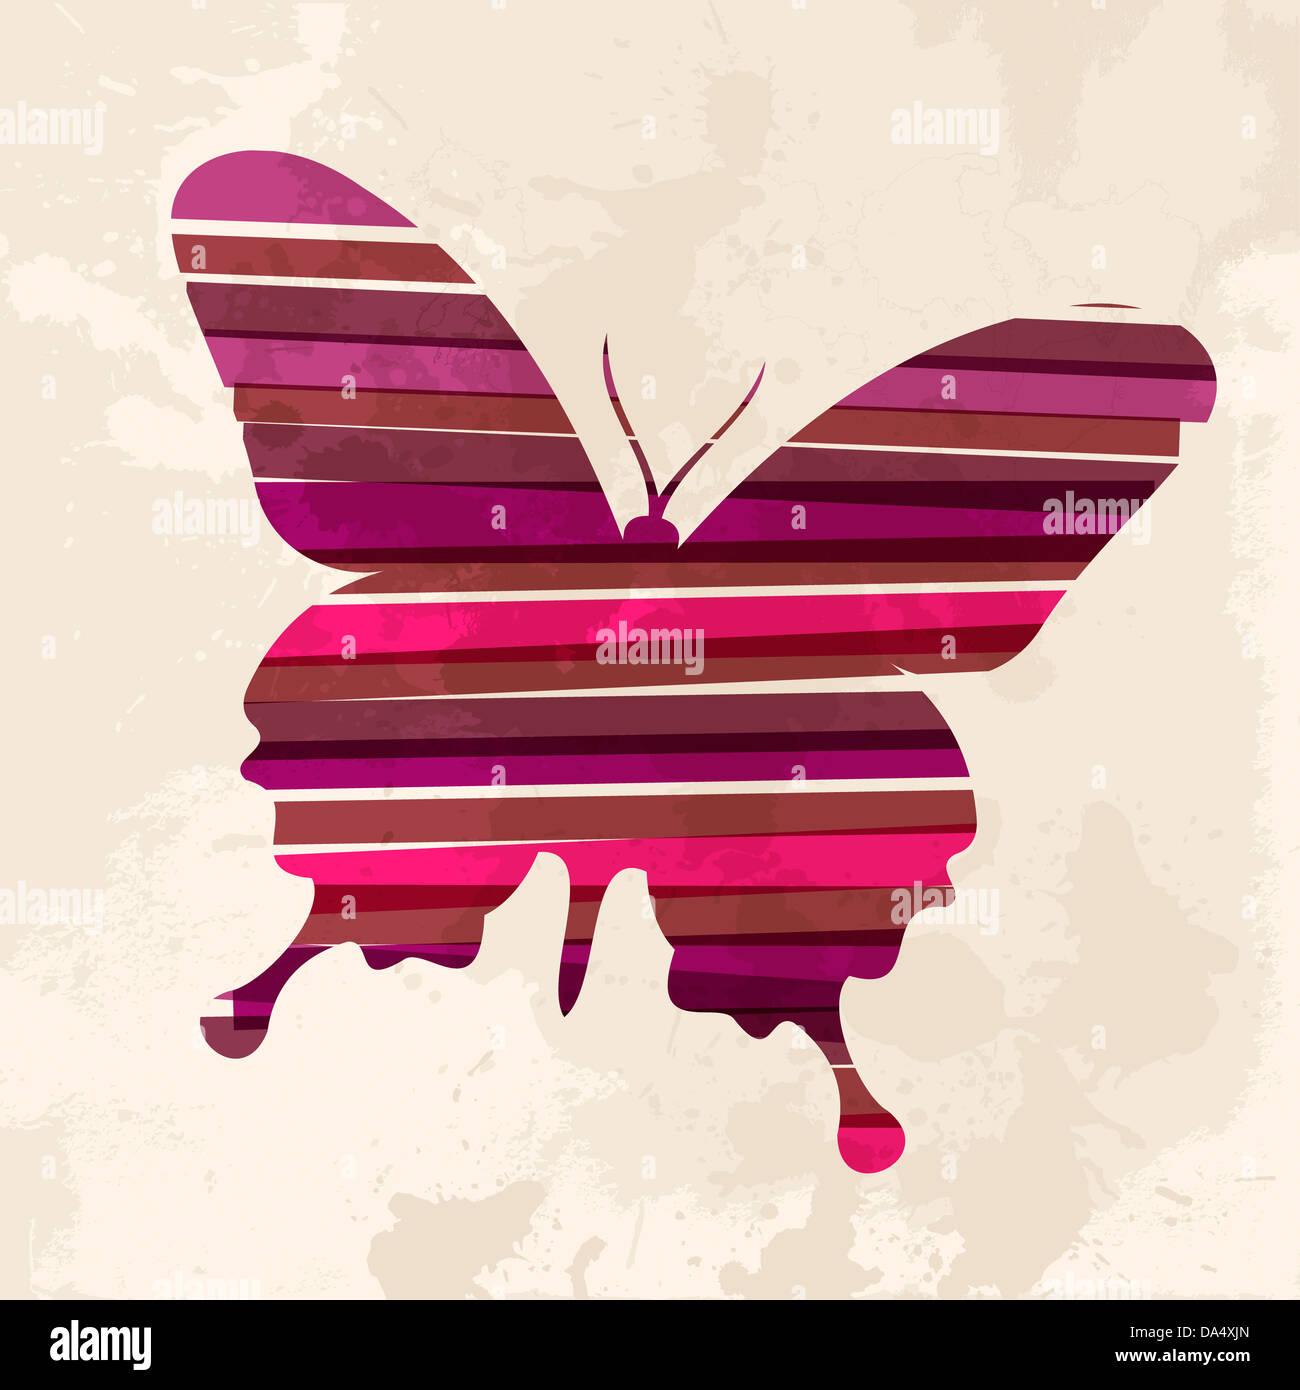 Wunderbar Einfache Schmetterling Färbung Seite Zeitgenössisch ...